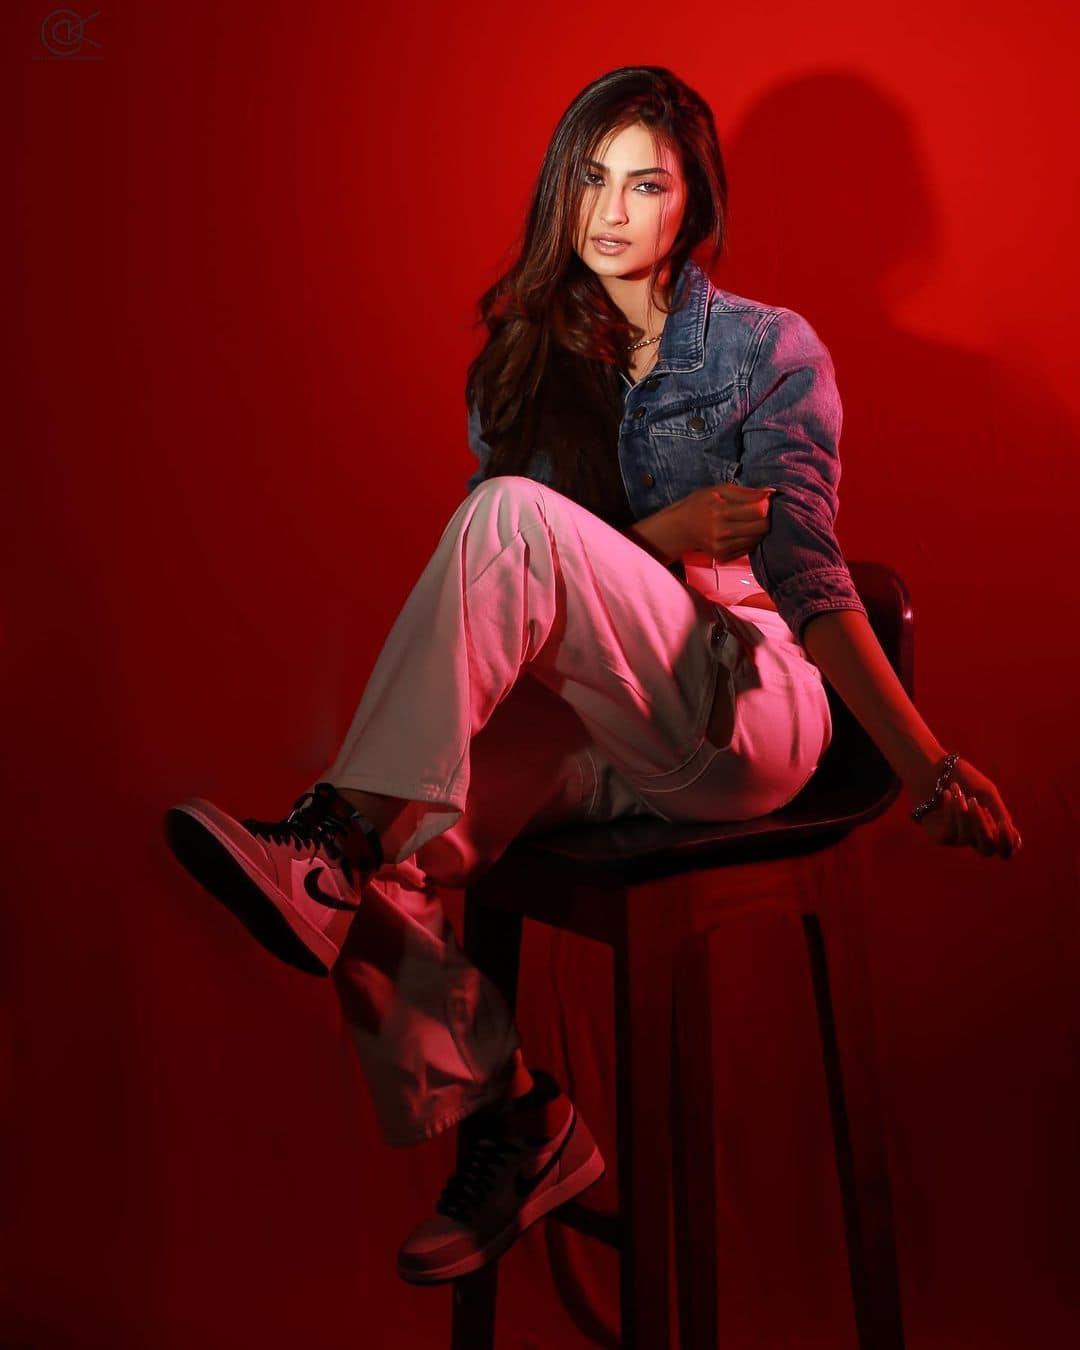 shweta-tiwari-daughter-palak-tiwari-bold-photo (1)